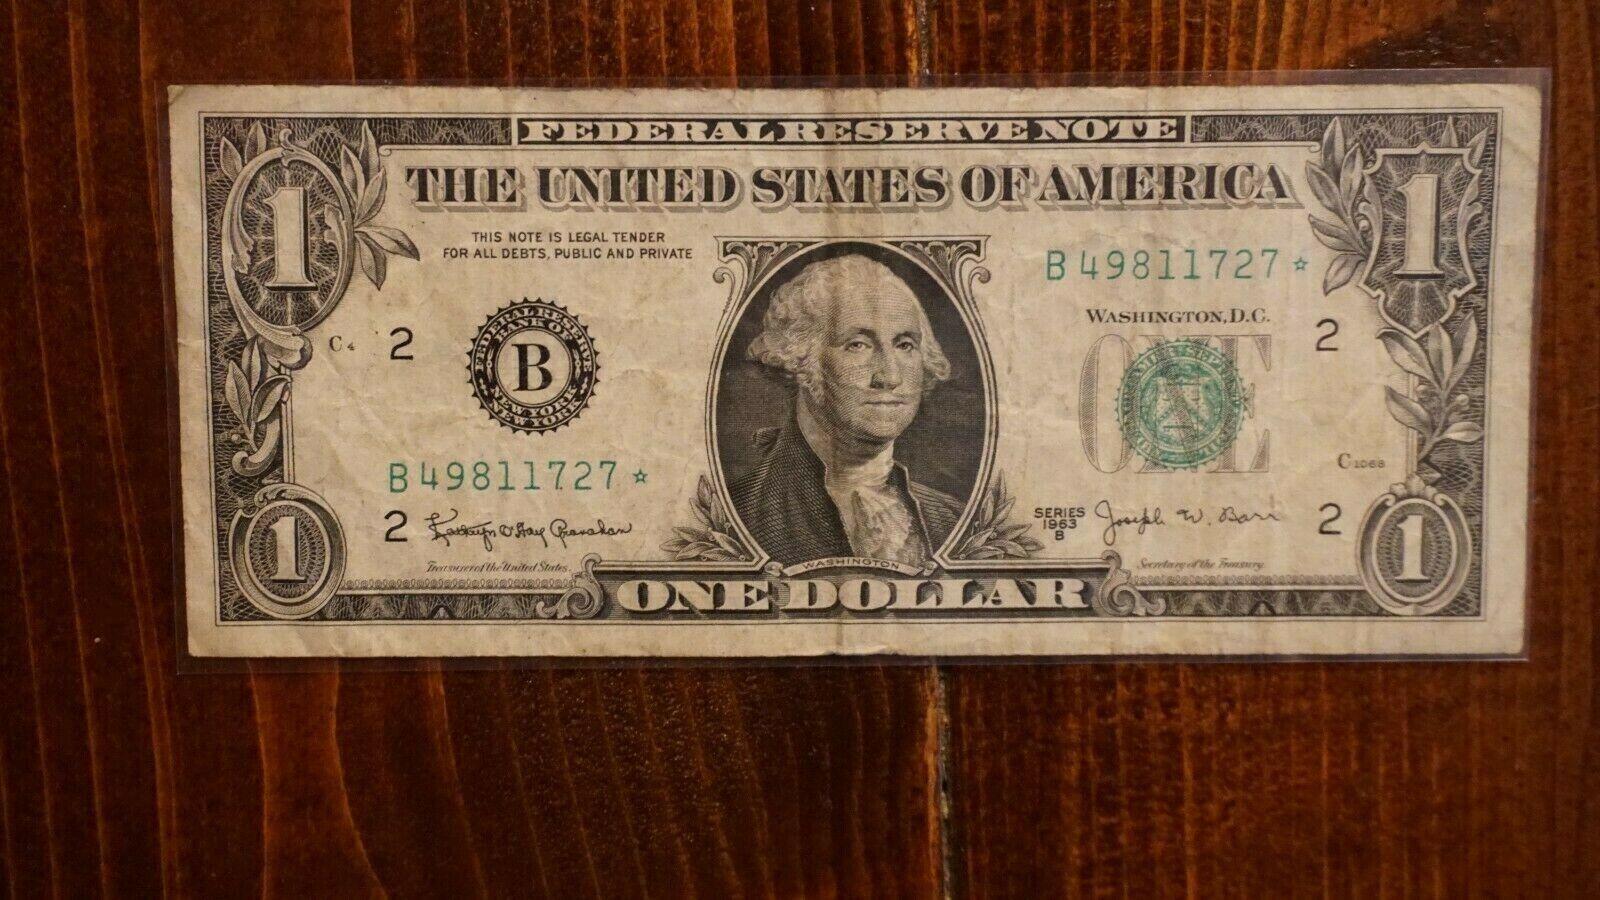 FANCY 1963 B 1 One Dollar Barr Star Note NEW YORK B 49811727  - $14.50